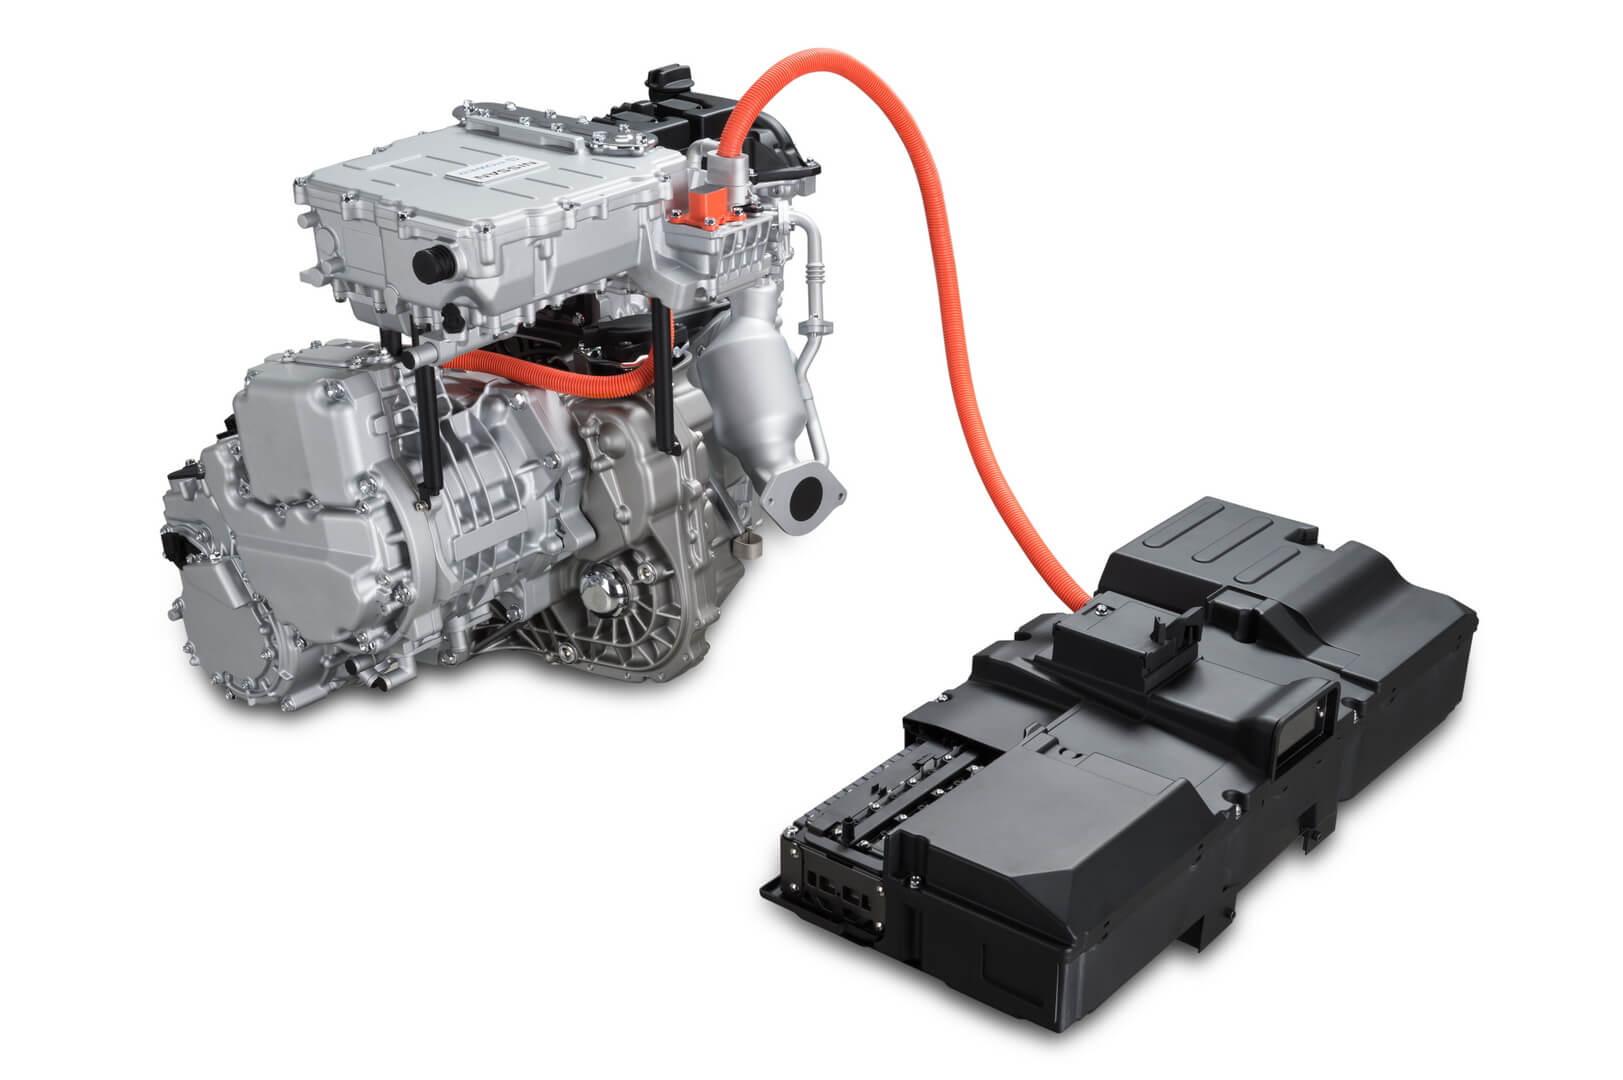 Топливный двигатель и аккумуляторная батарея в NOTE